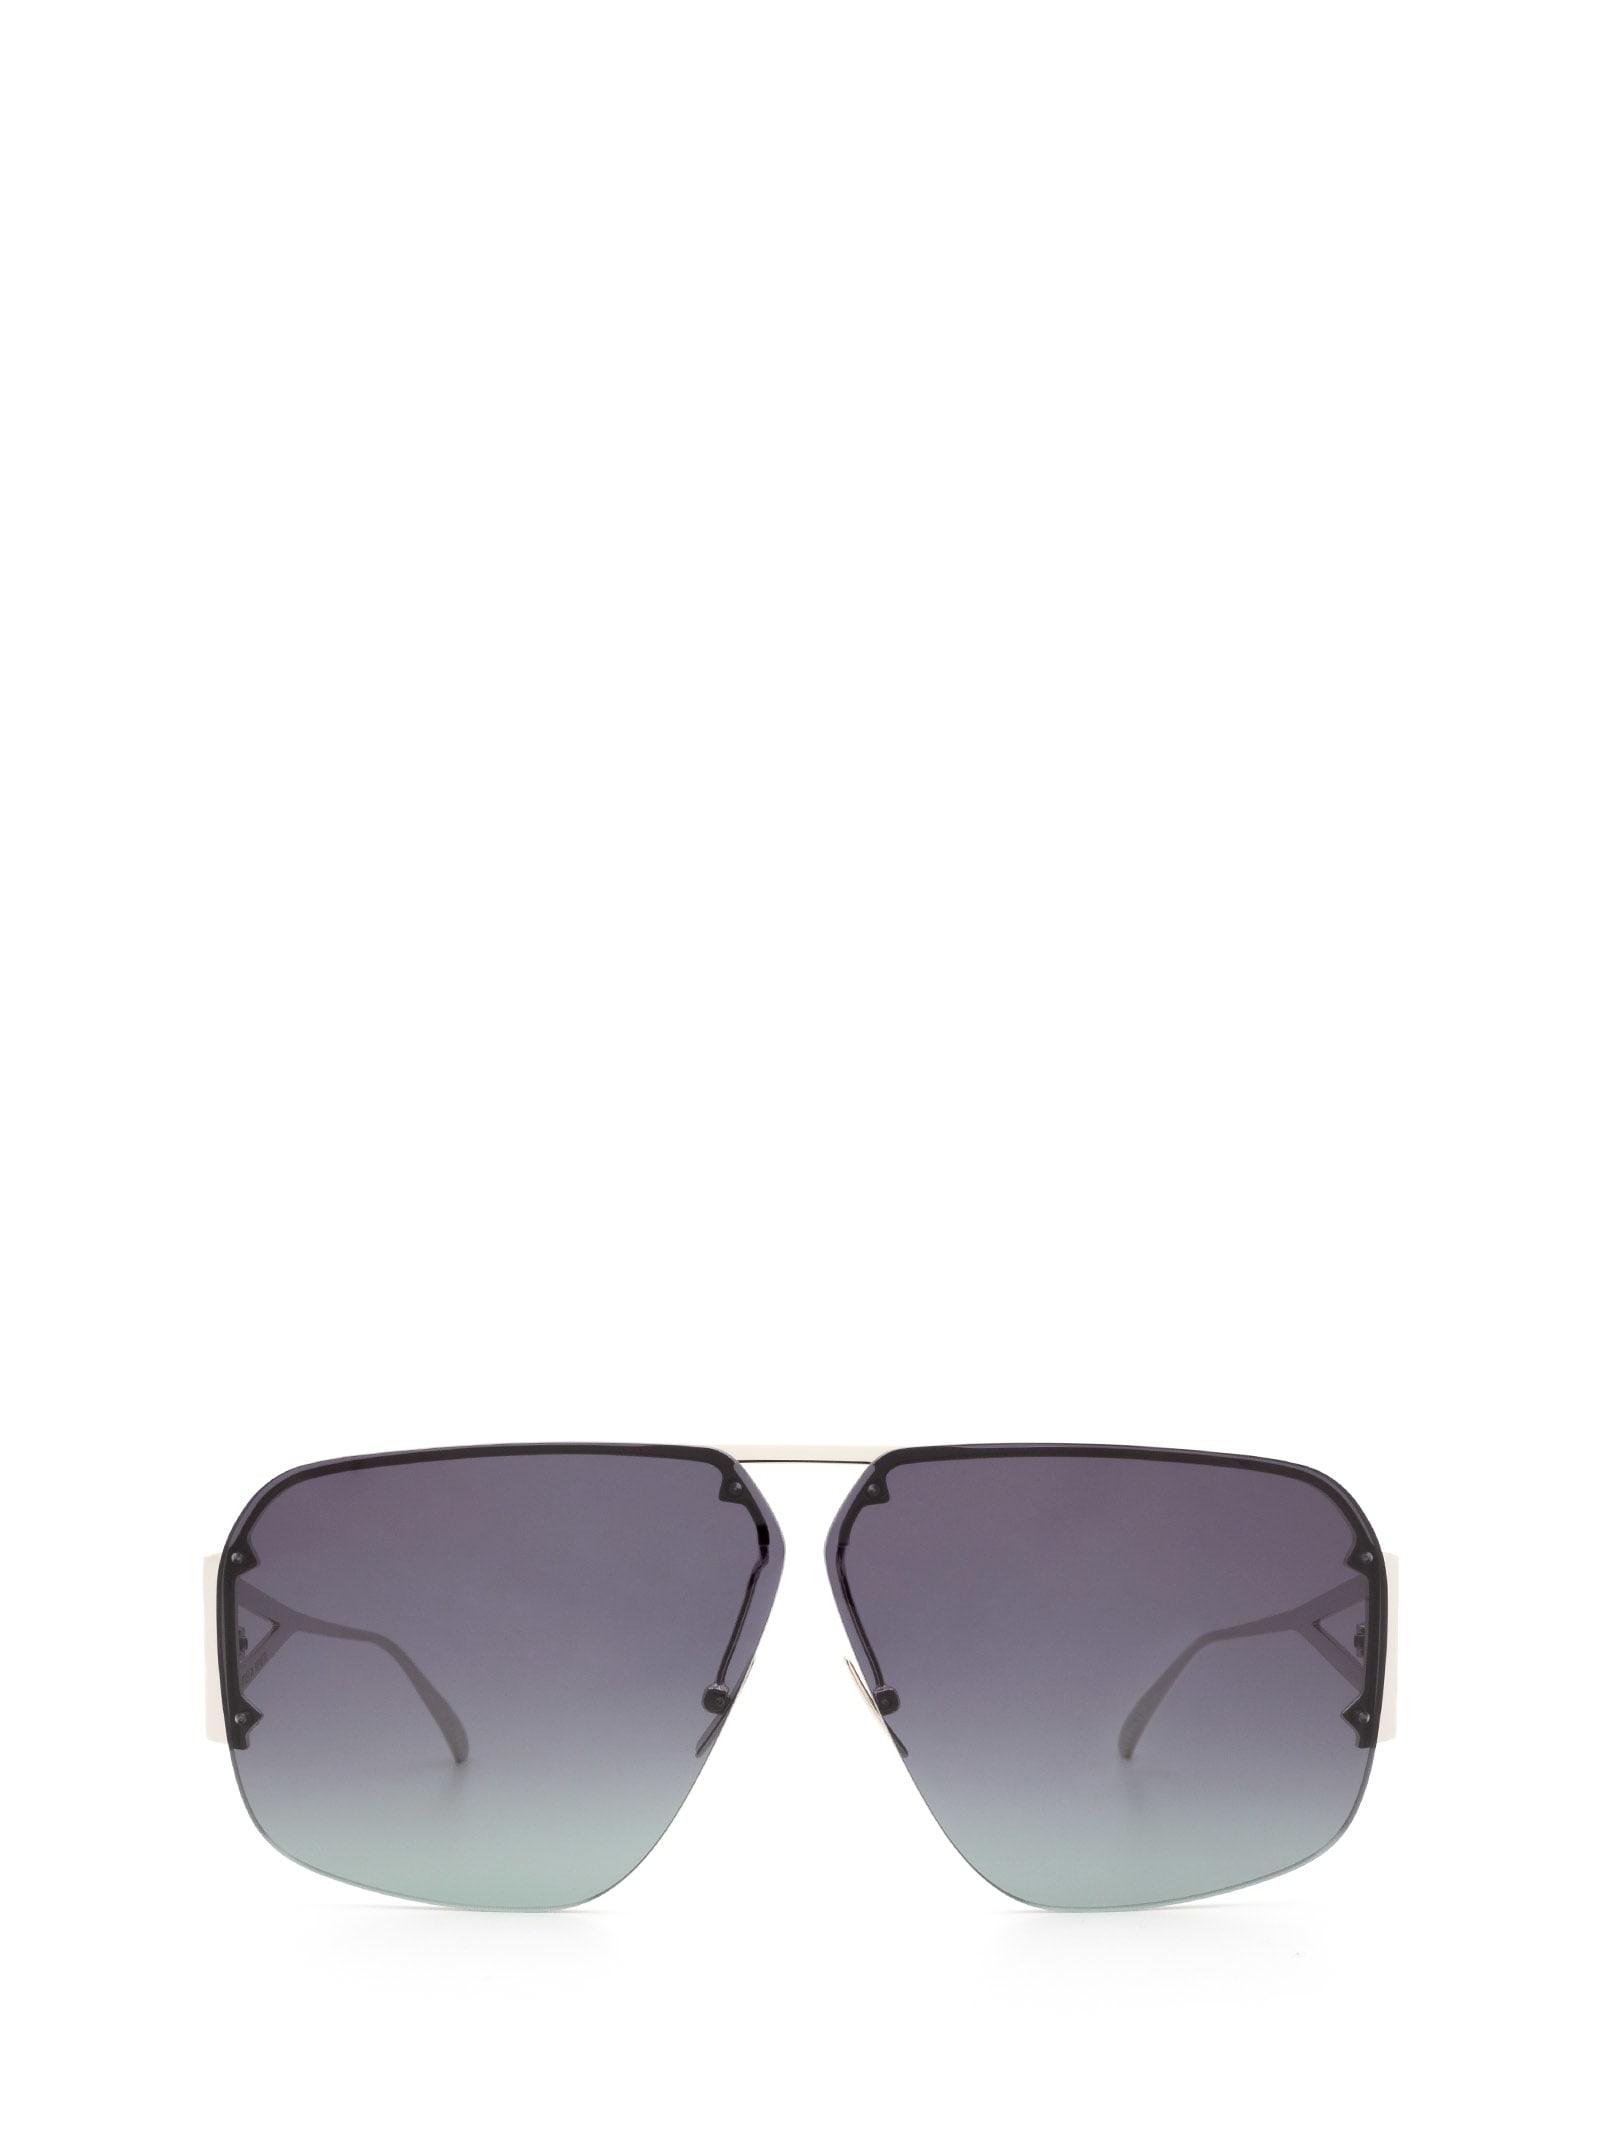 Bottega Veneta Bottega Veneta Bv1065s Silver Sunglasses